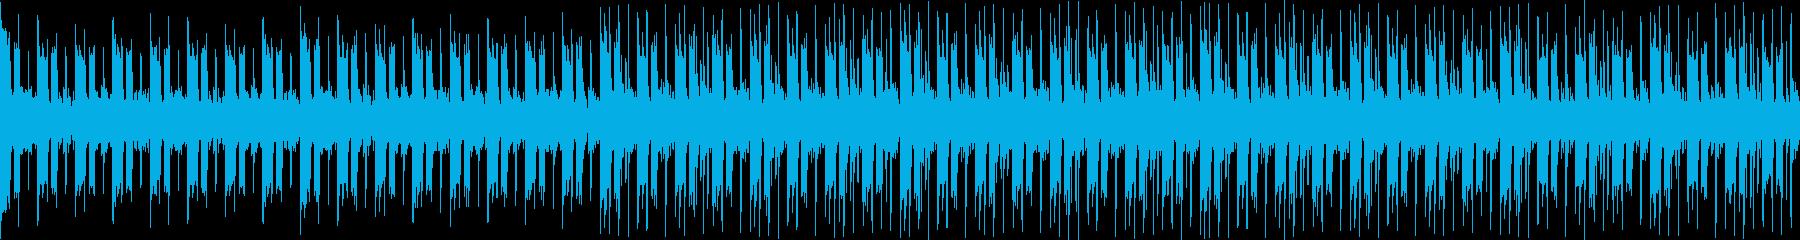 ギターとシンセによるクールなループ曲の再生済みの波形